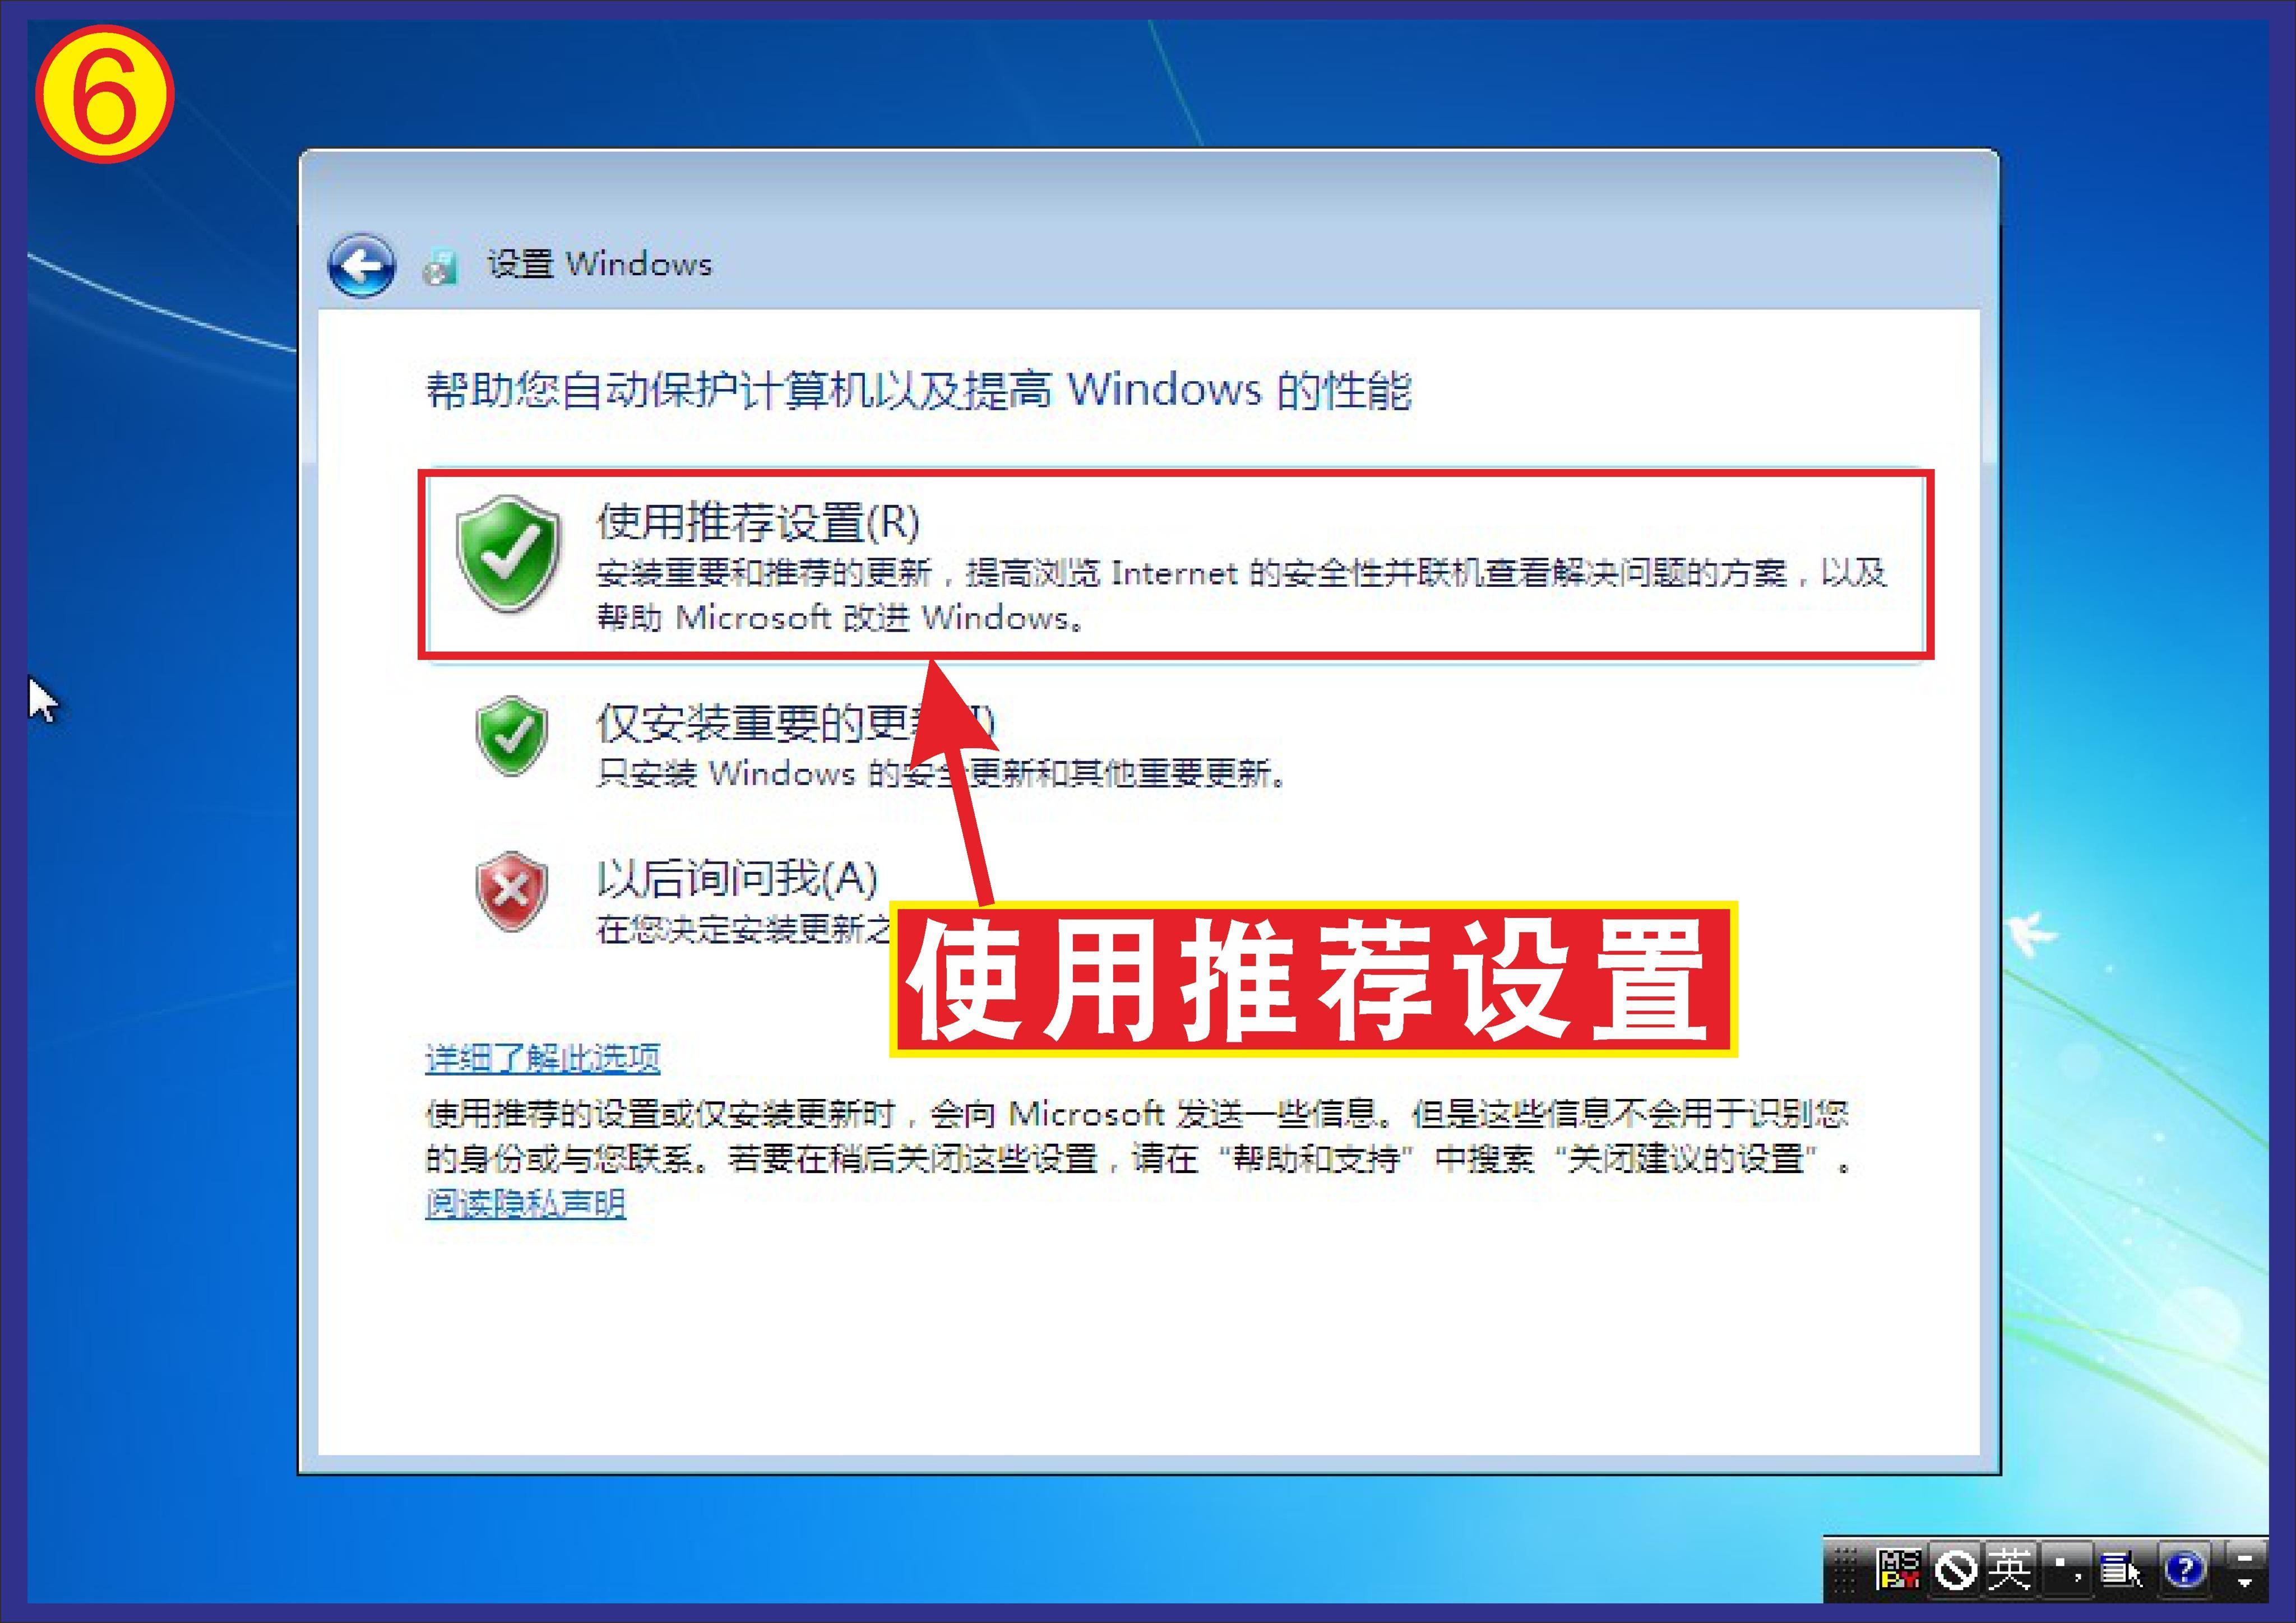 Windows7系统方法安装软管消火教程的操作原版图片